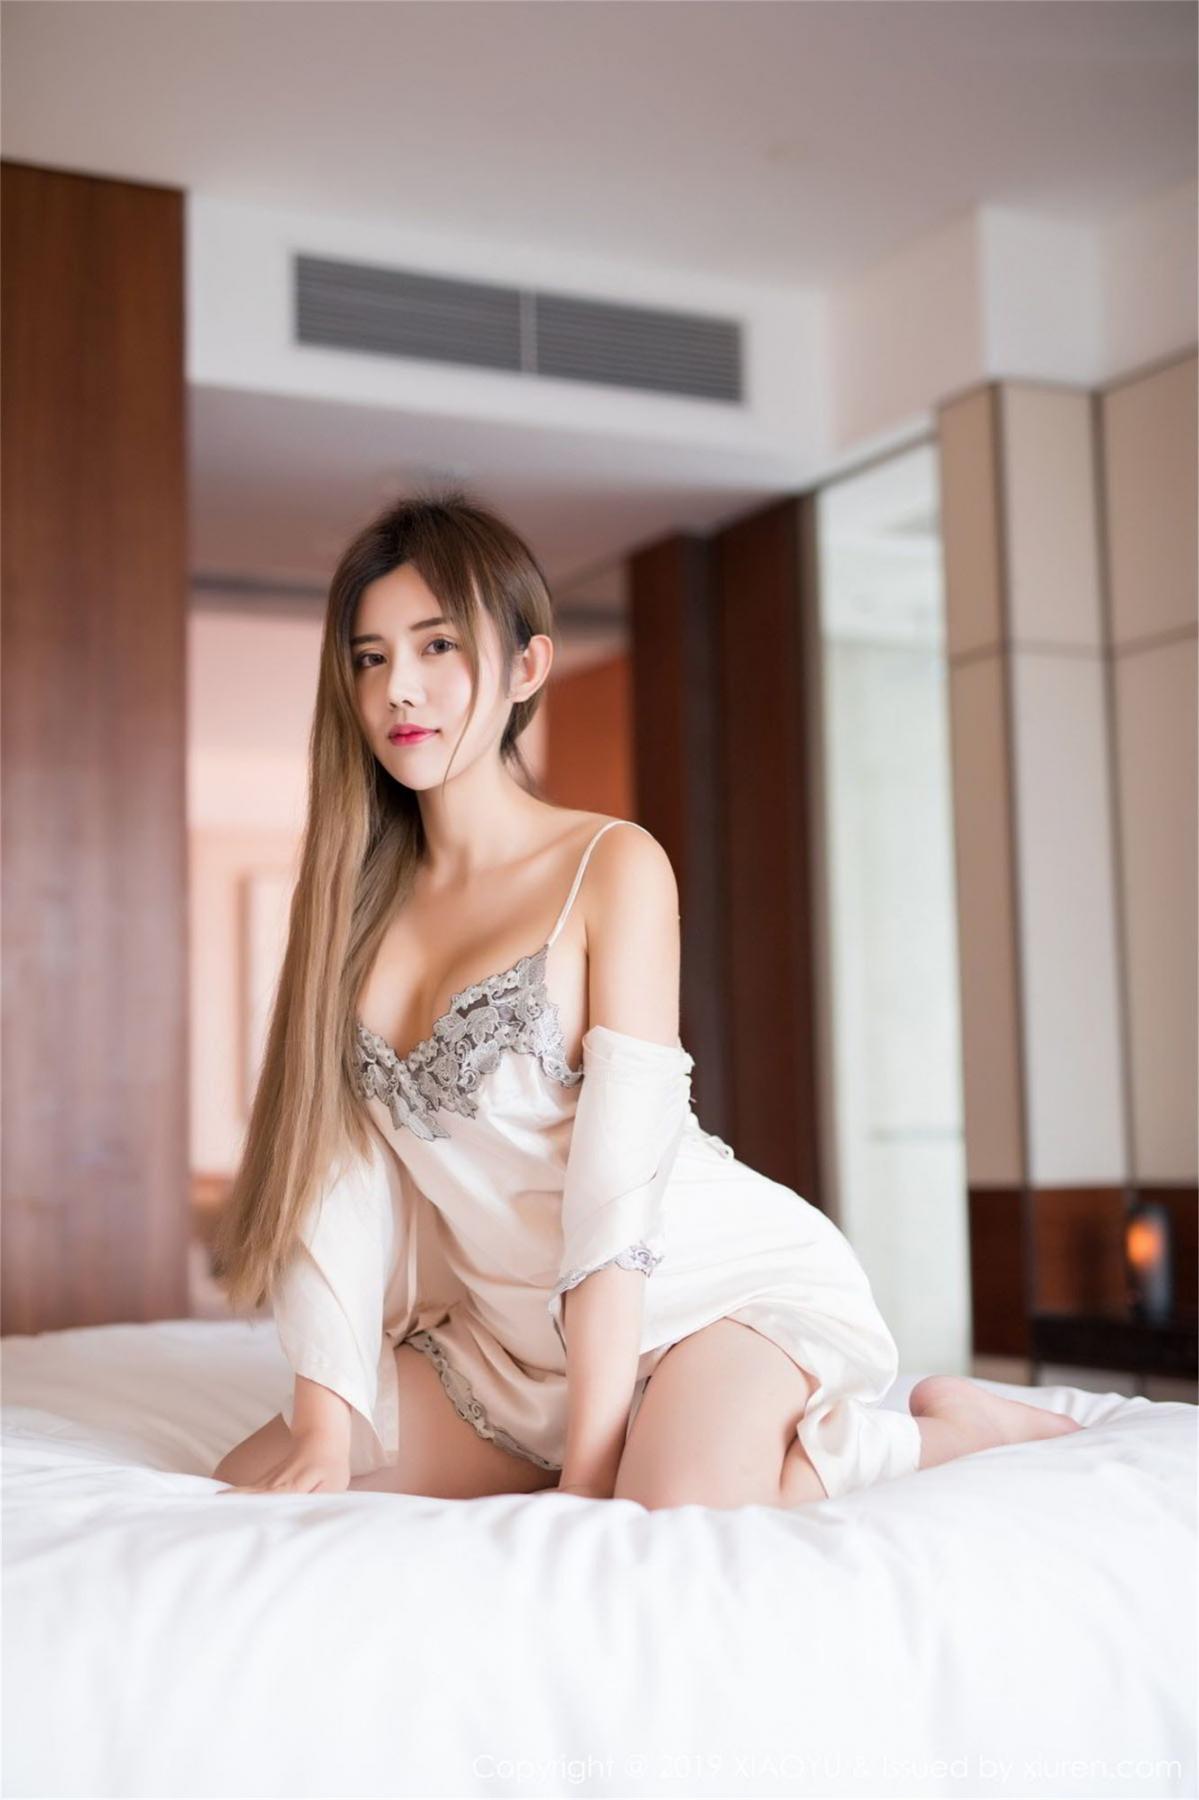 [XiaoYu] Vol.093 Zhuo Ya Qi 8P, Underwear, XiaoYu, Zhuo Ya Qi